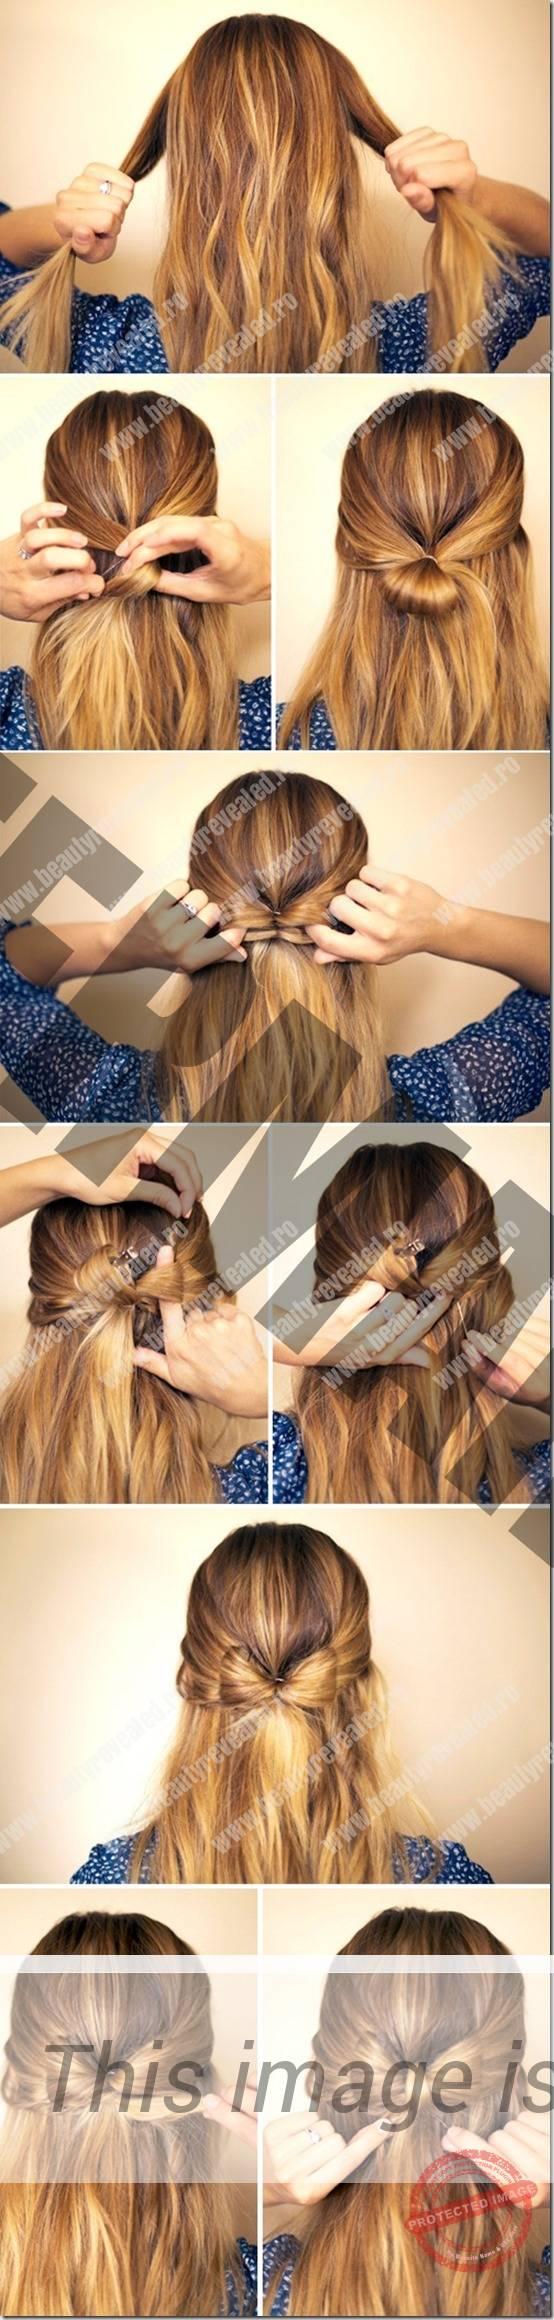 Hair-Bow-Pin-It